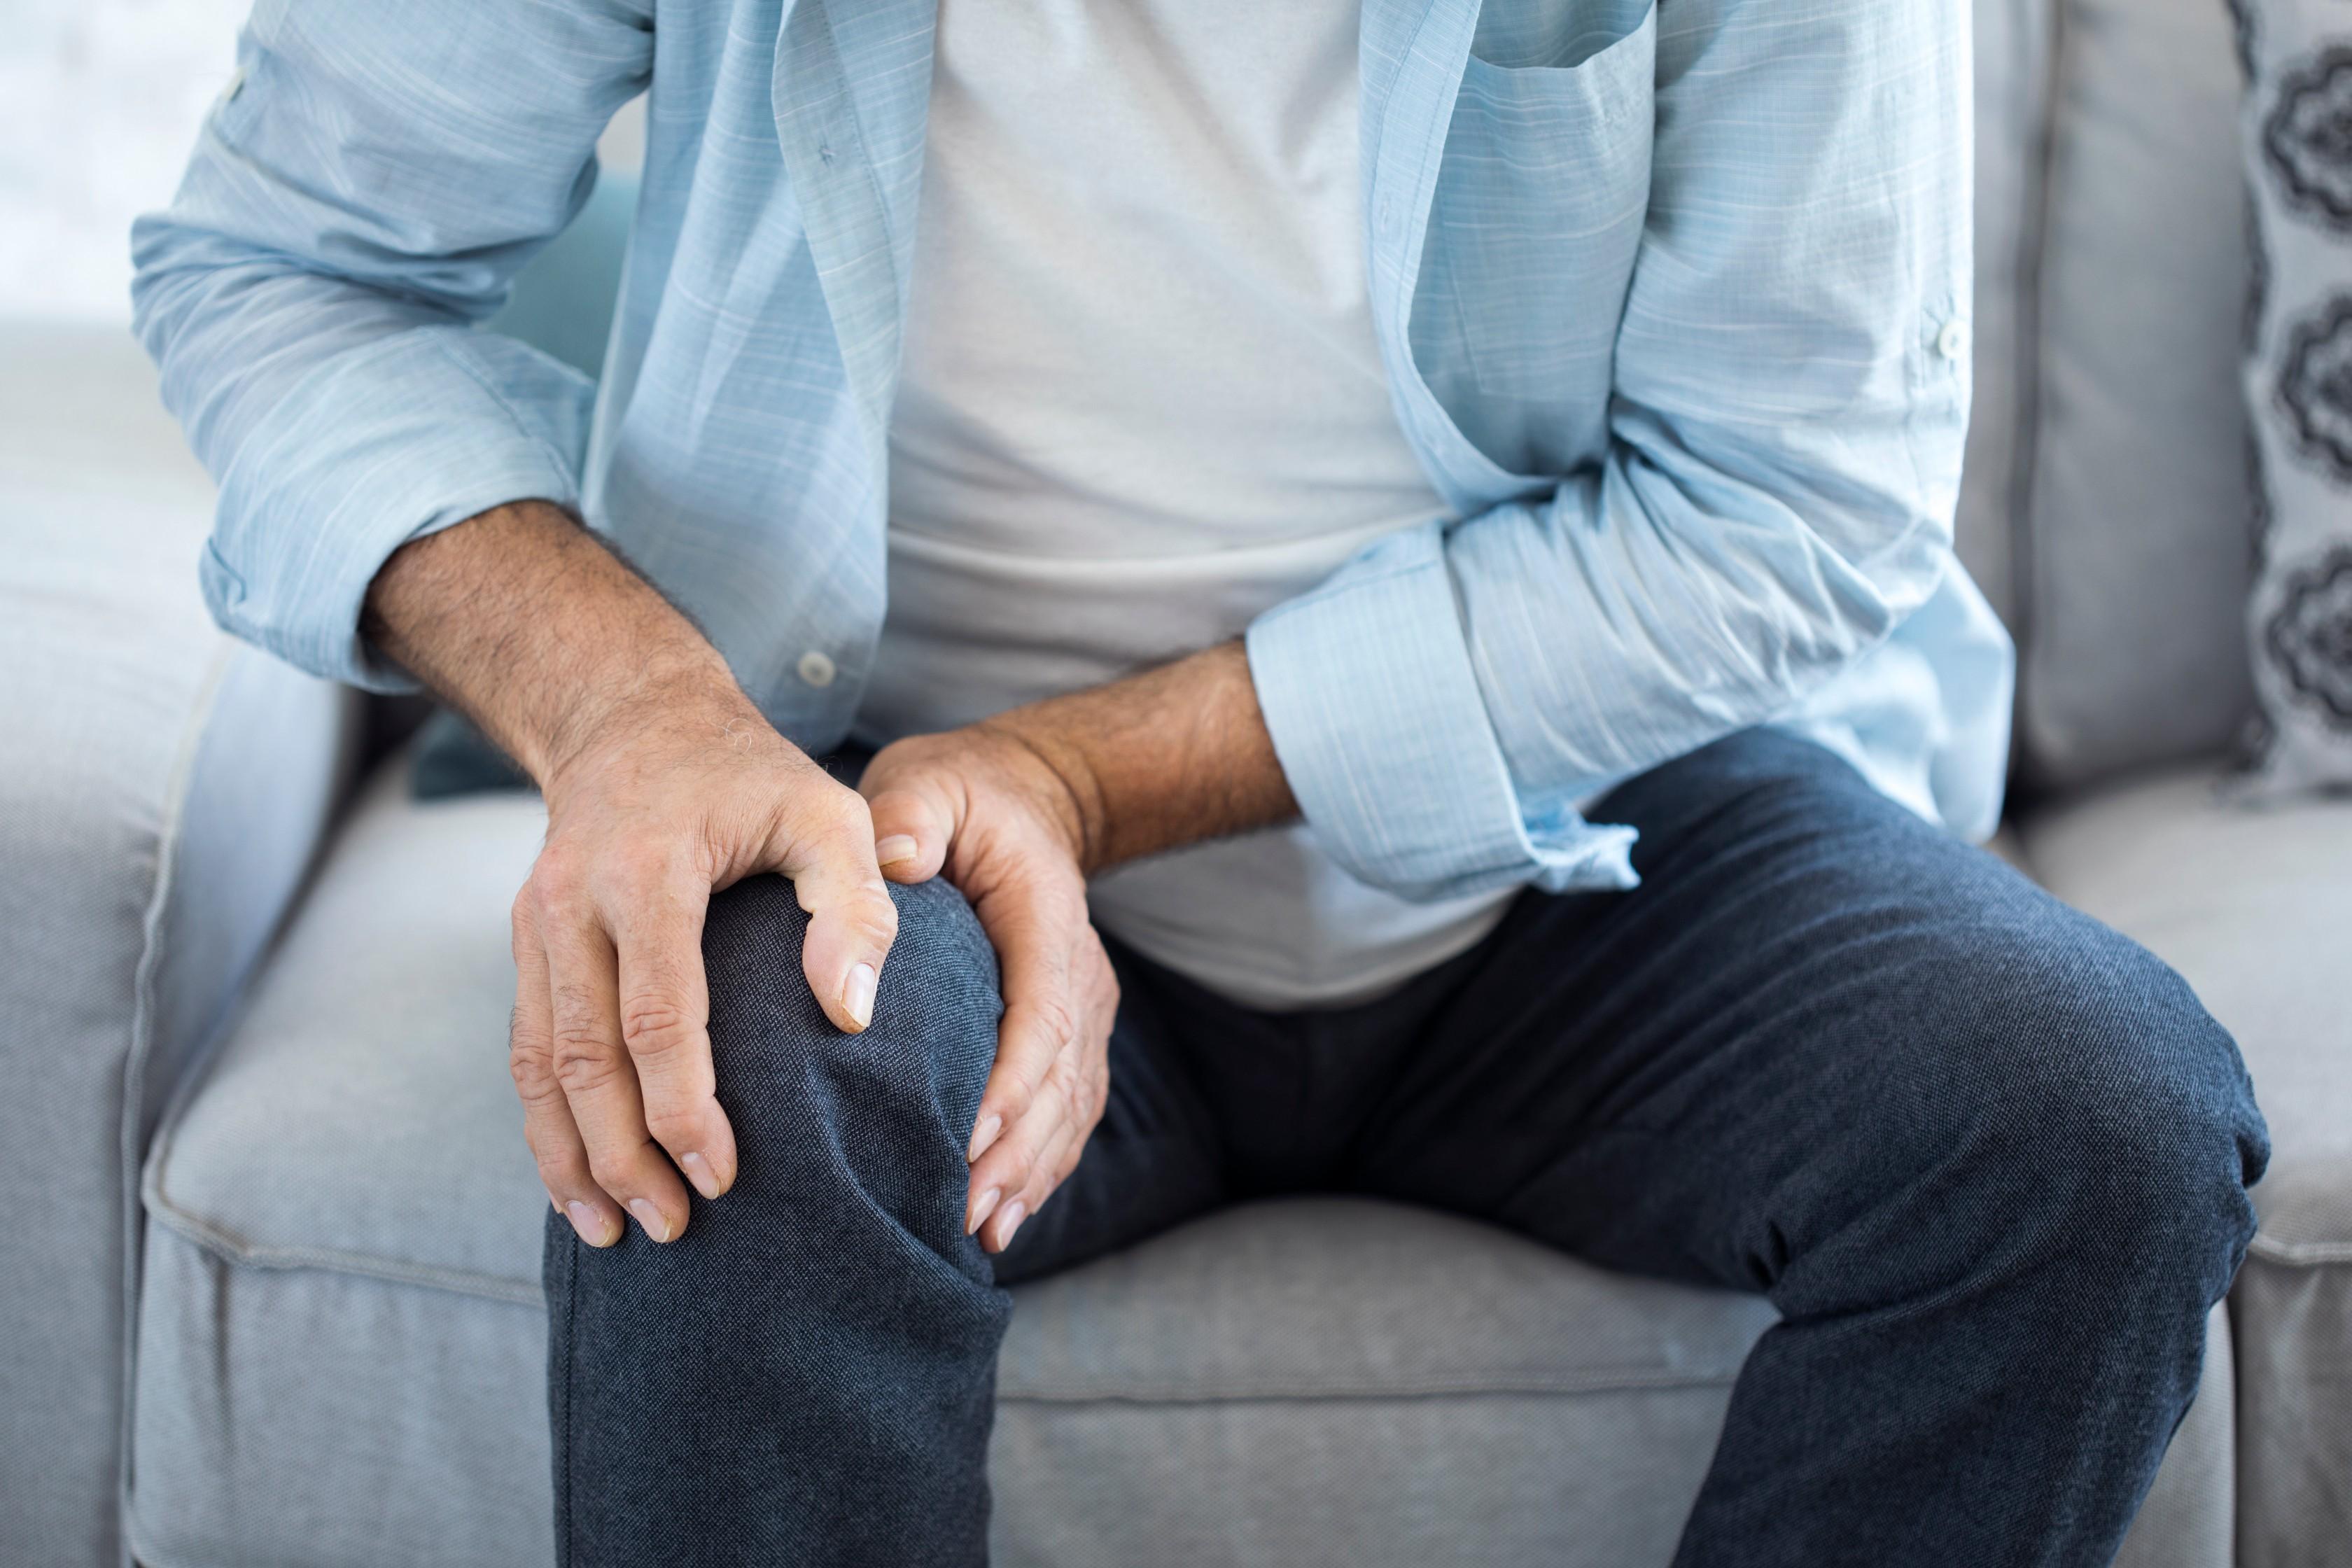 miért fáj az egész test és az ízületek hogy ne ártsa az ízületeket futás közben